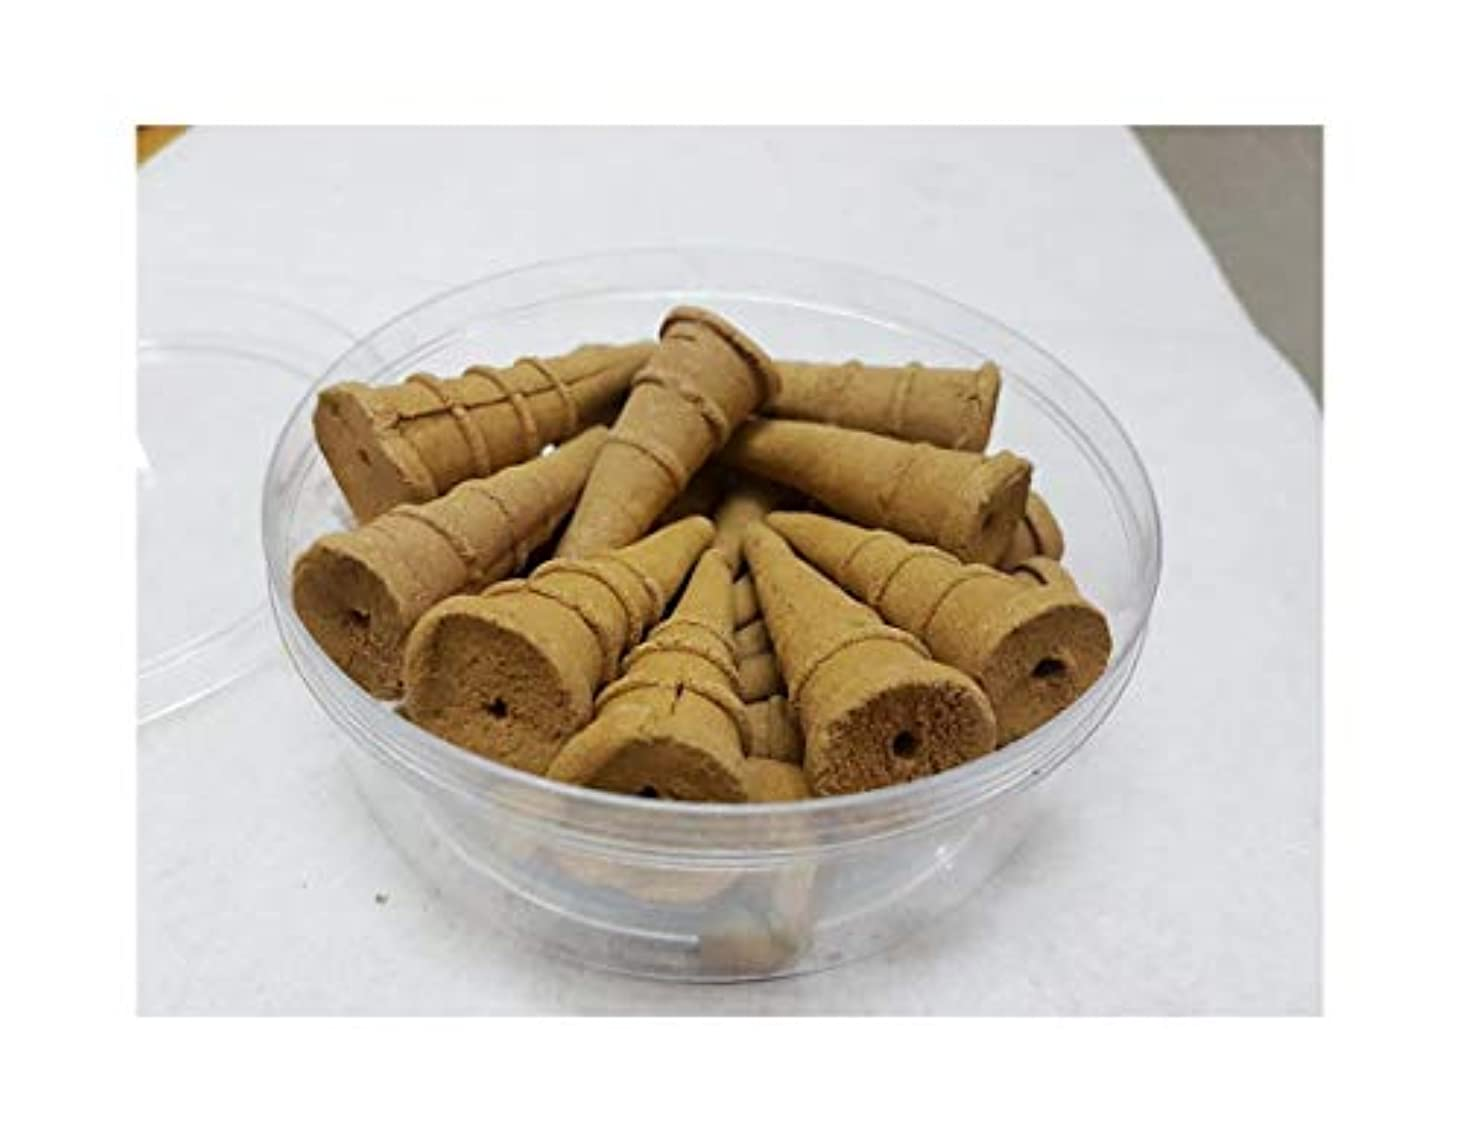 顧問いま恥ずかしさ5ボックスViet Nam伽羅Aloeswood Incense Cones – 100グラム/ボックス – 20個/ボックス